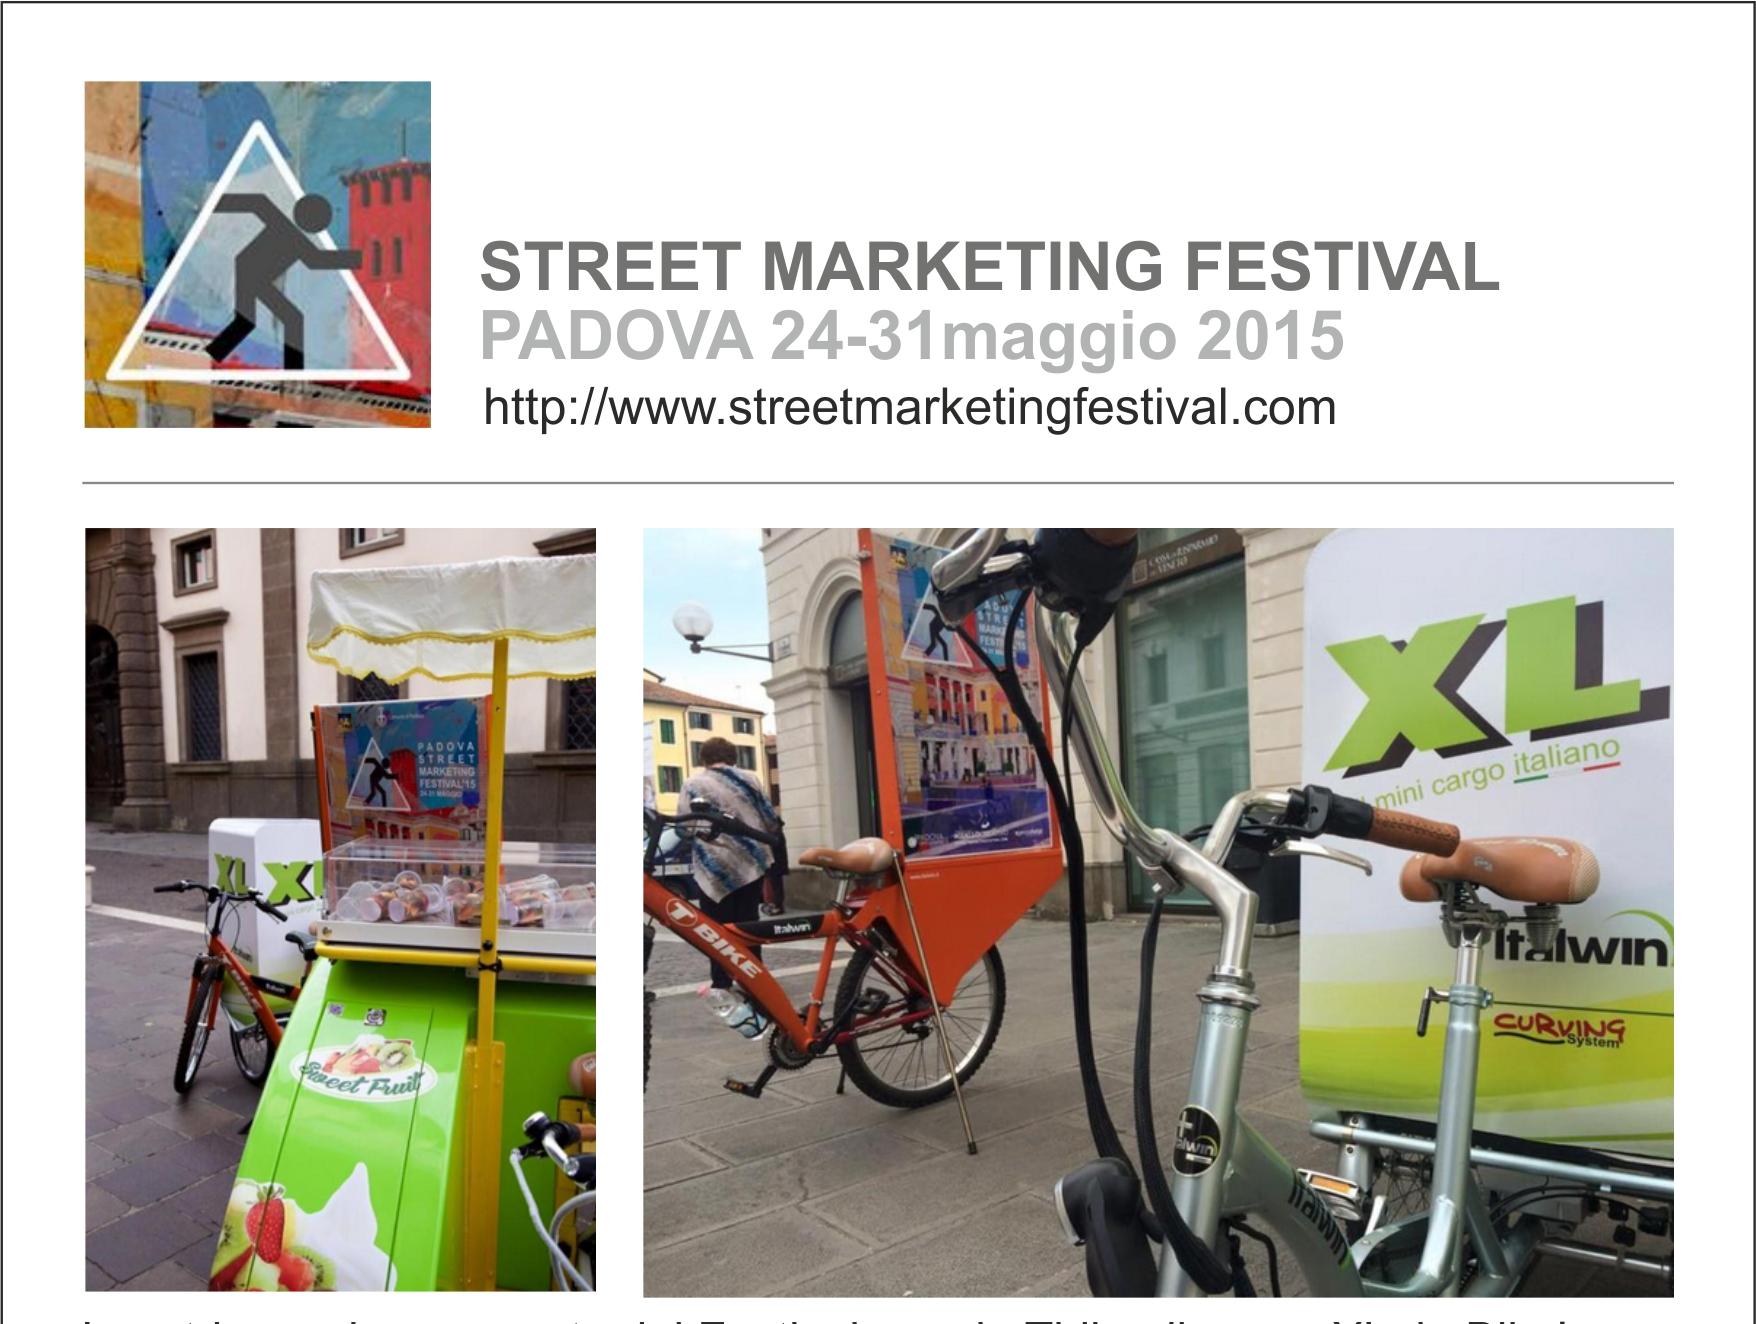 Street Mkt Festival - Padova